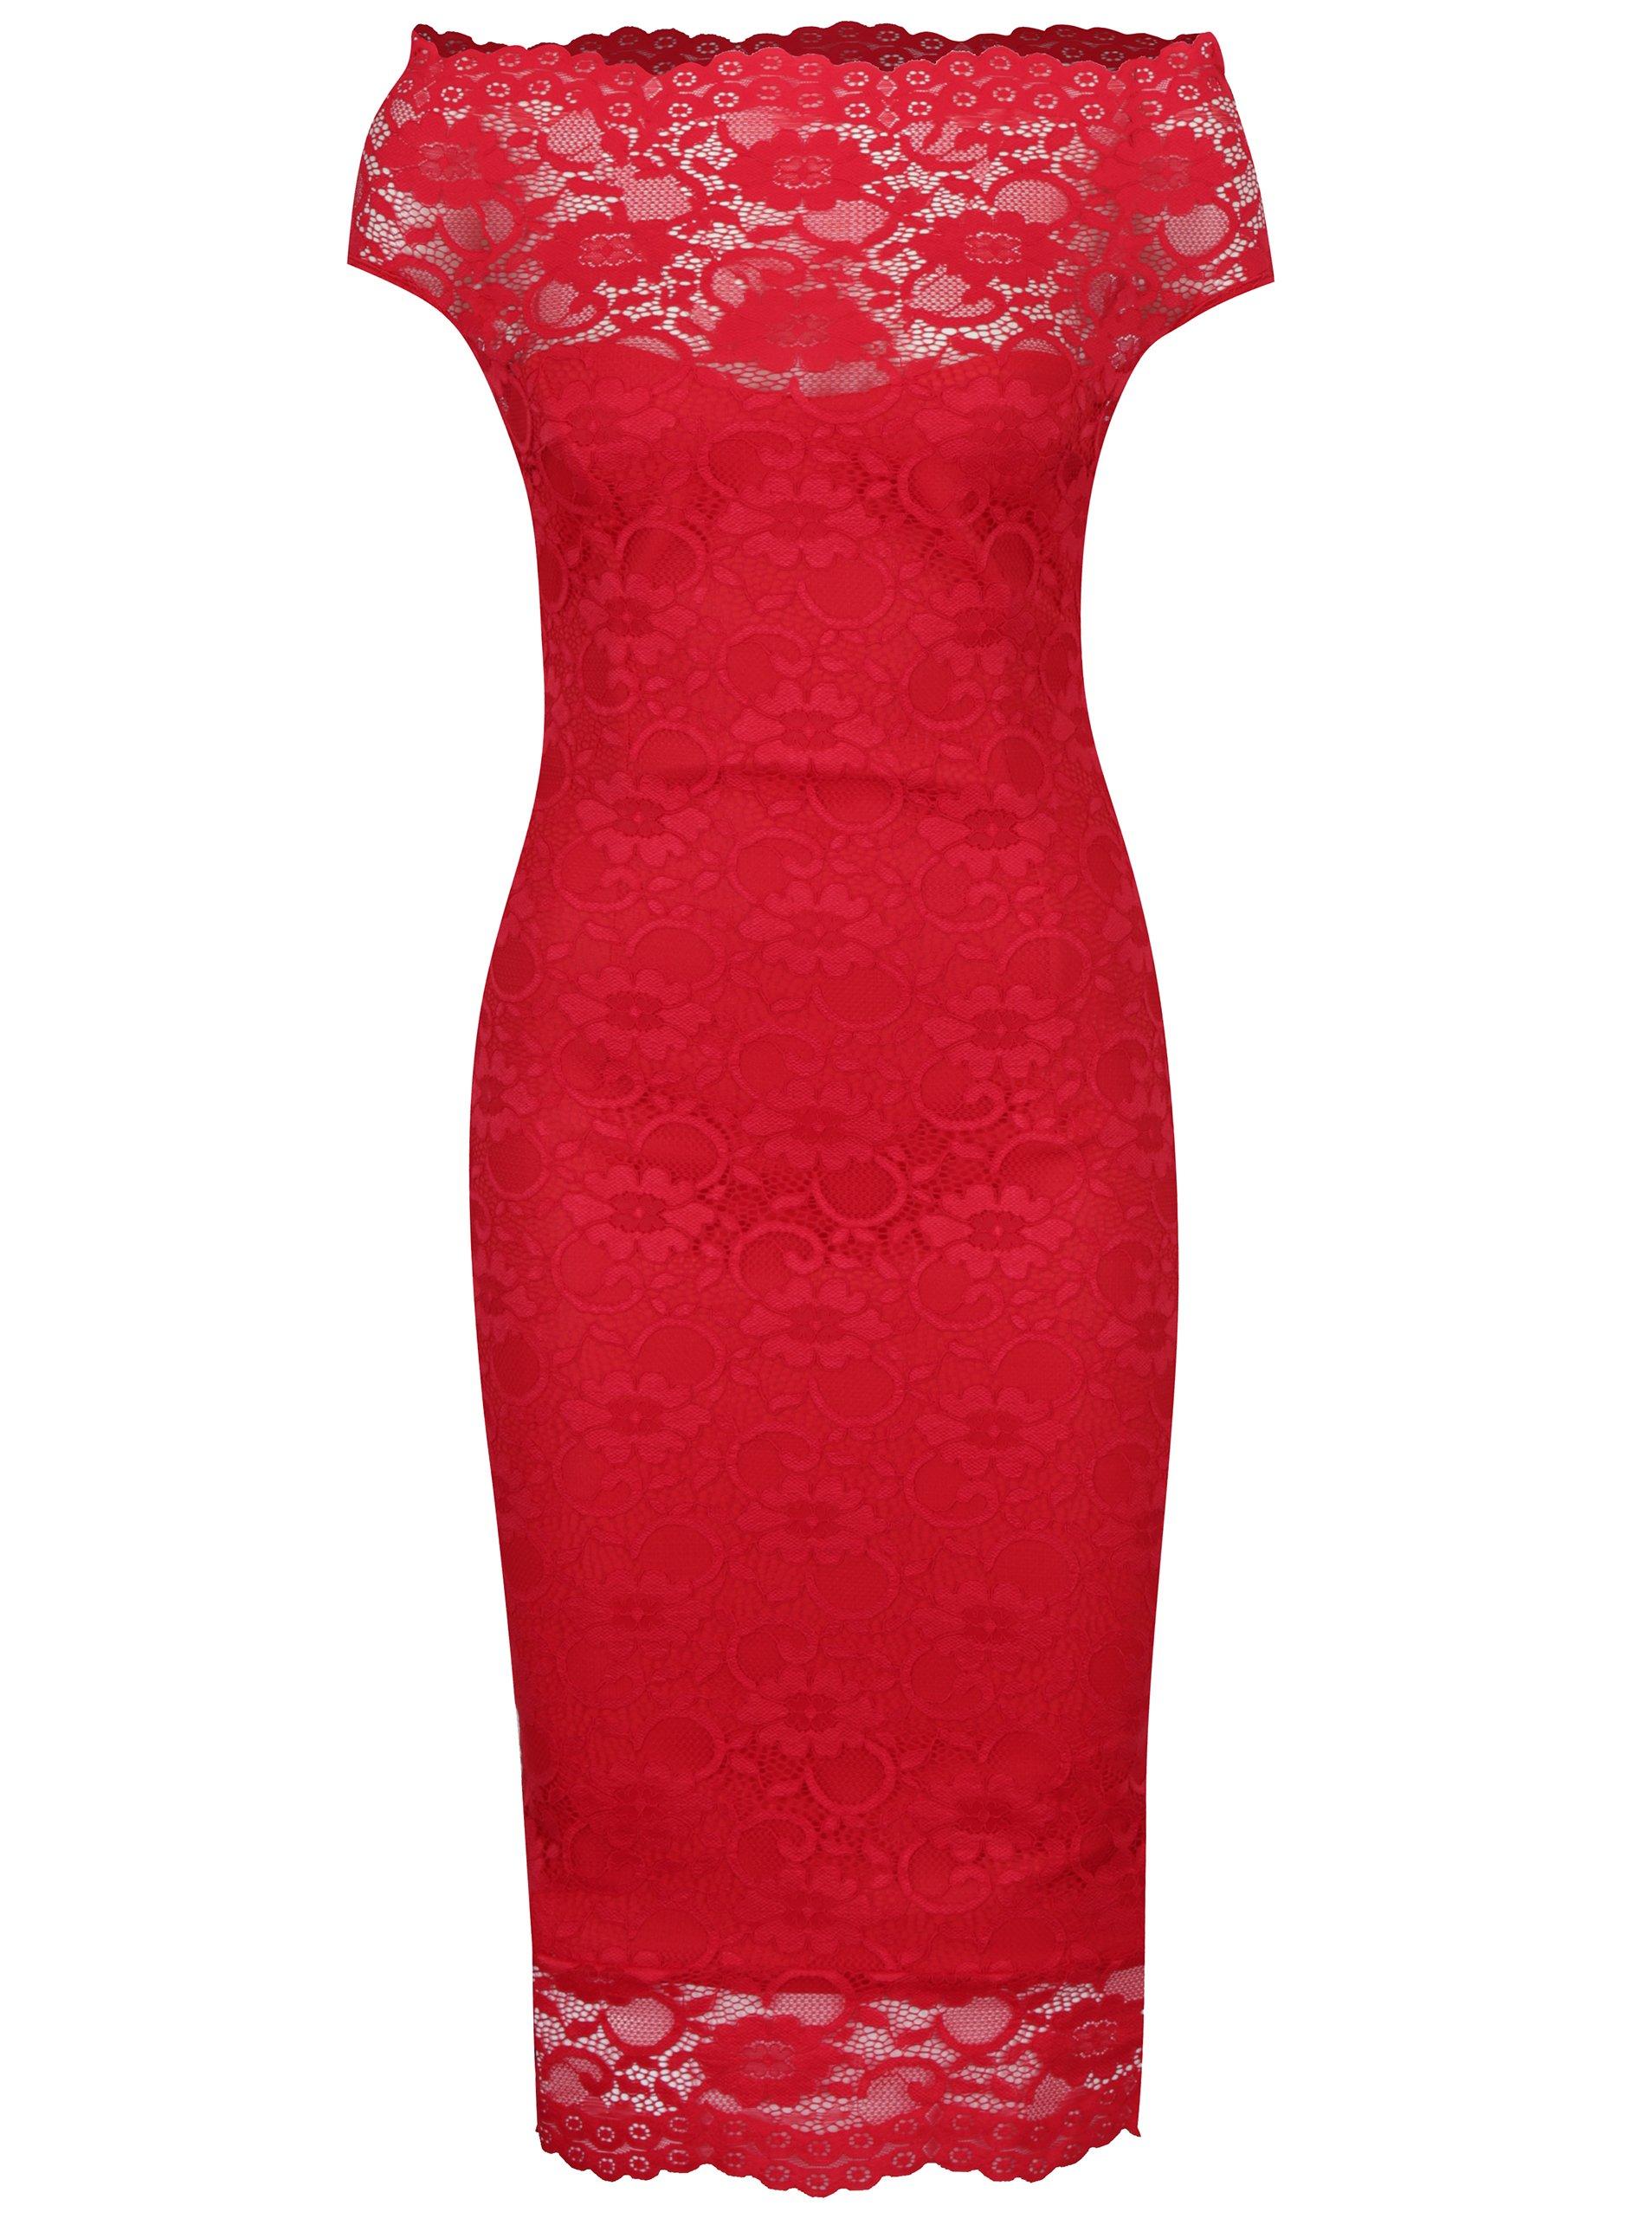 3dbc10da9dc5 Červené puzdrové čipkované šaty ZOOT